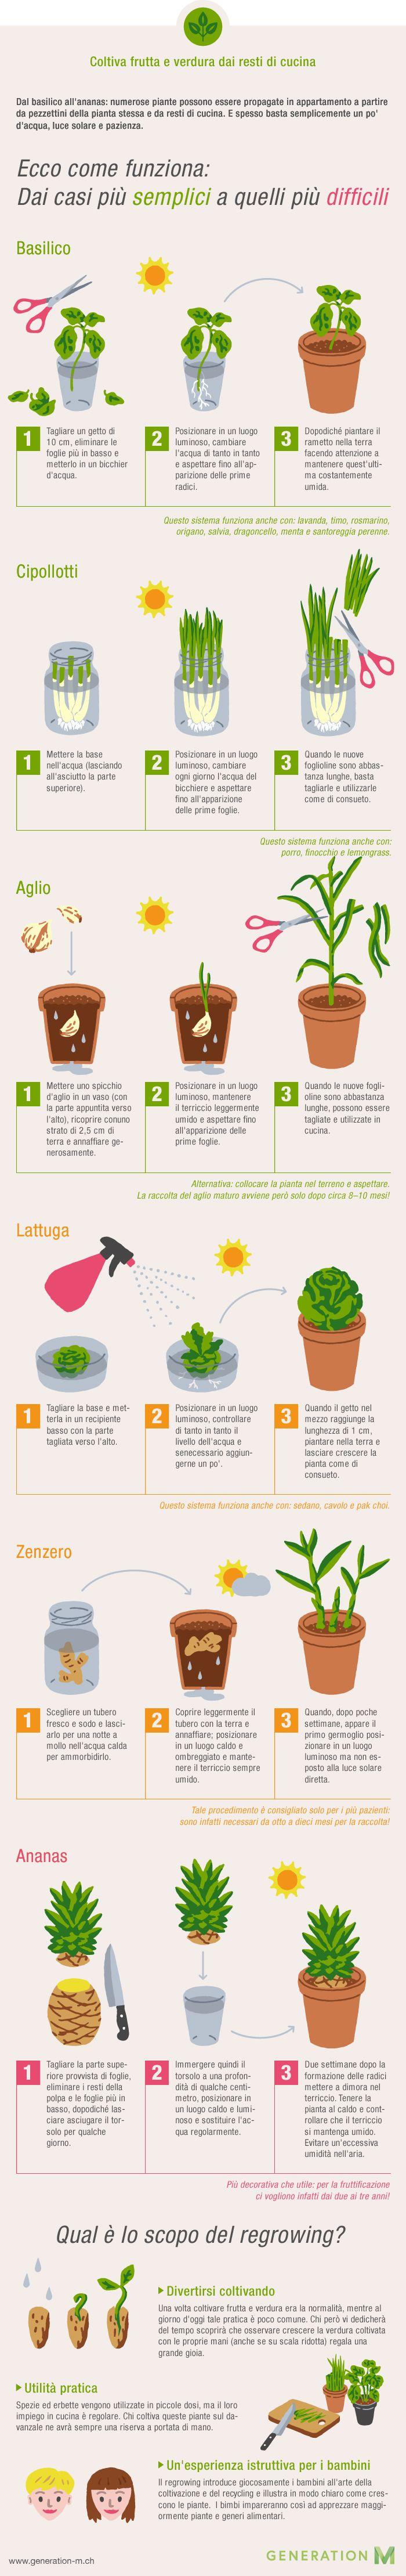 Infografica per coltivare frutta e verdura dai resti di cucina | Generazione M